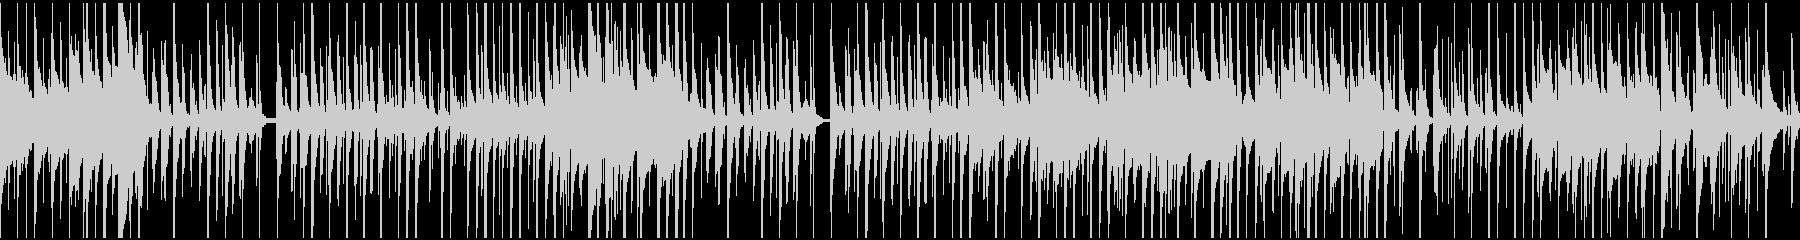 ほのぼの、可愛い感じのBGM(ループ)の未再生の波形